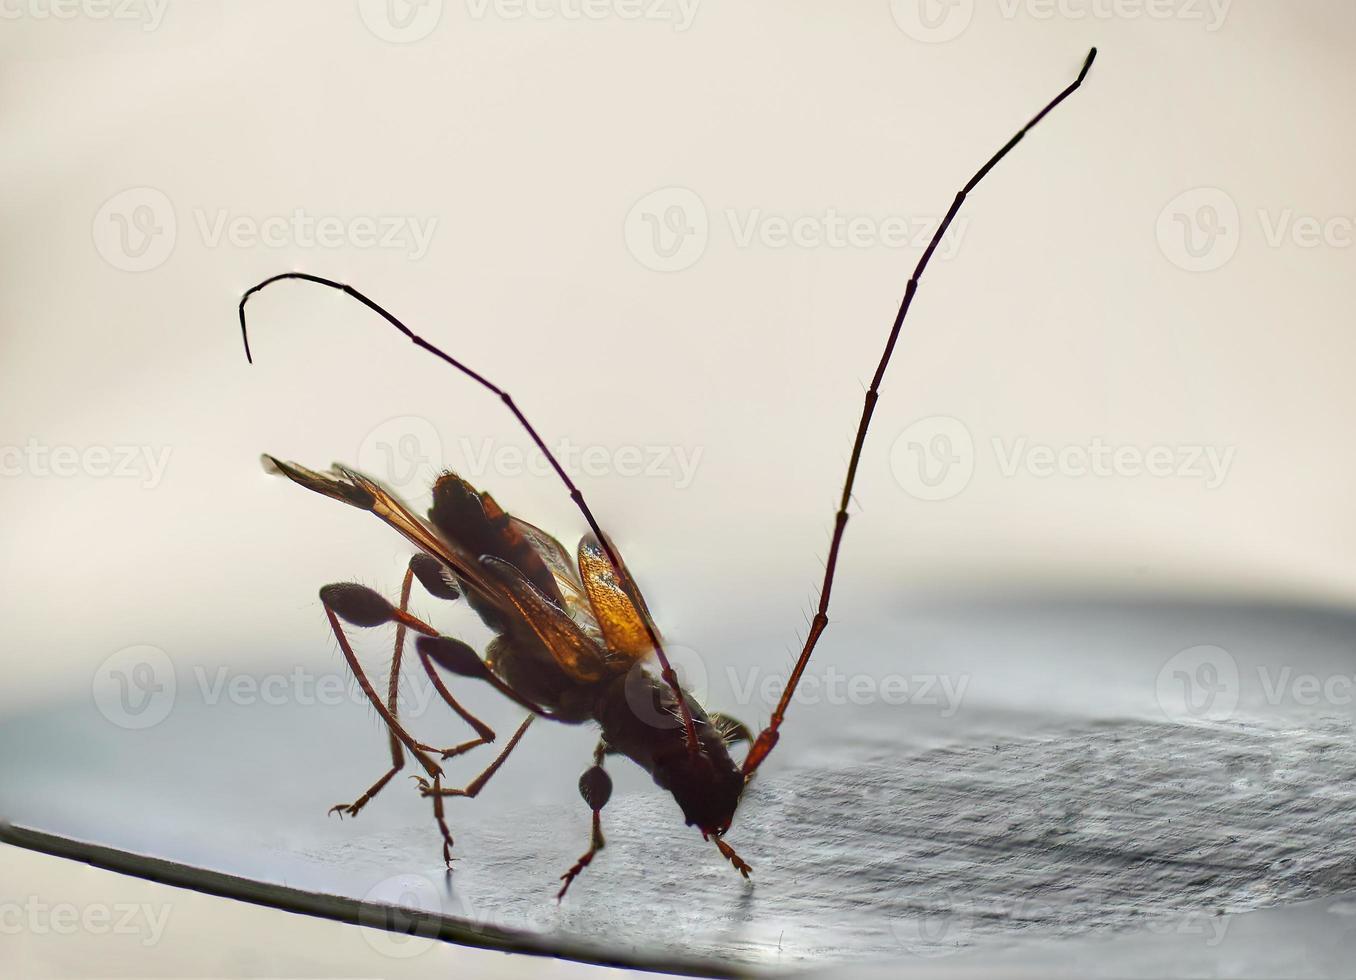 fine impressionante del microscopio del piccolo insetto del longicorn su foto